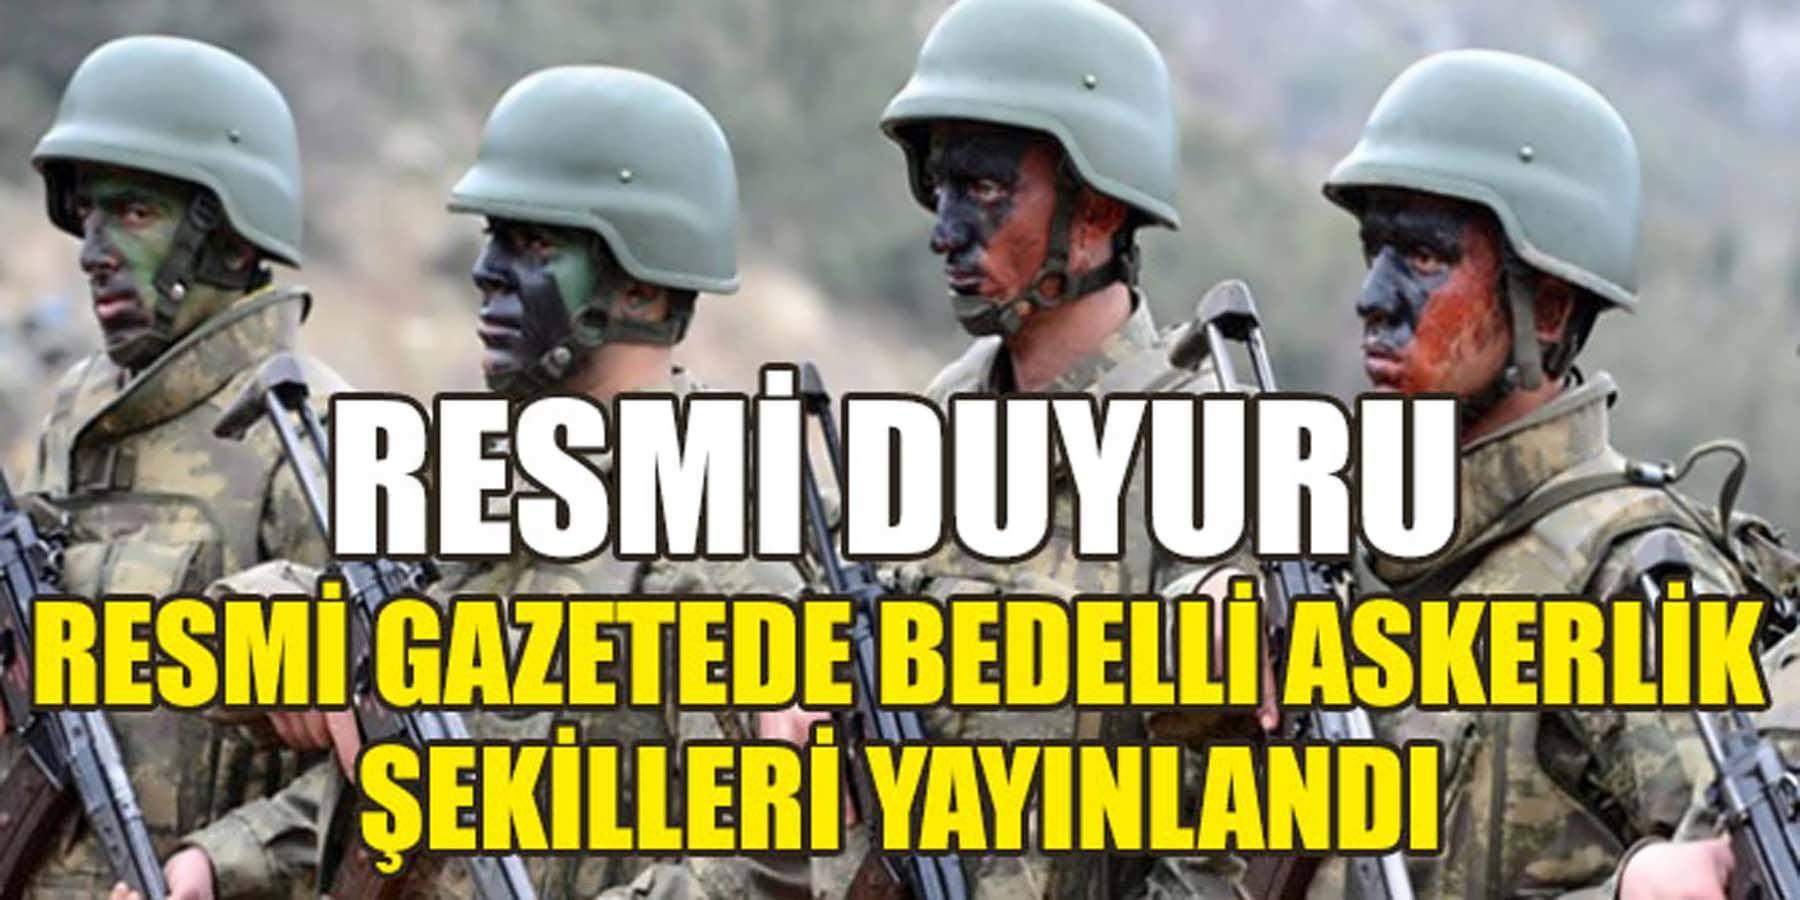 Resmi Gazete'de Bedelli Askerlik Şekilleri Yayımlandı